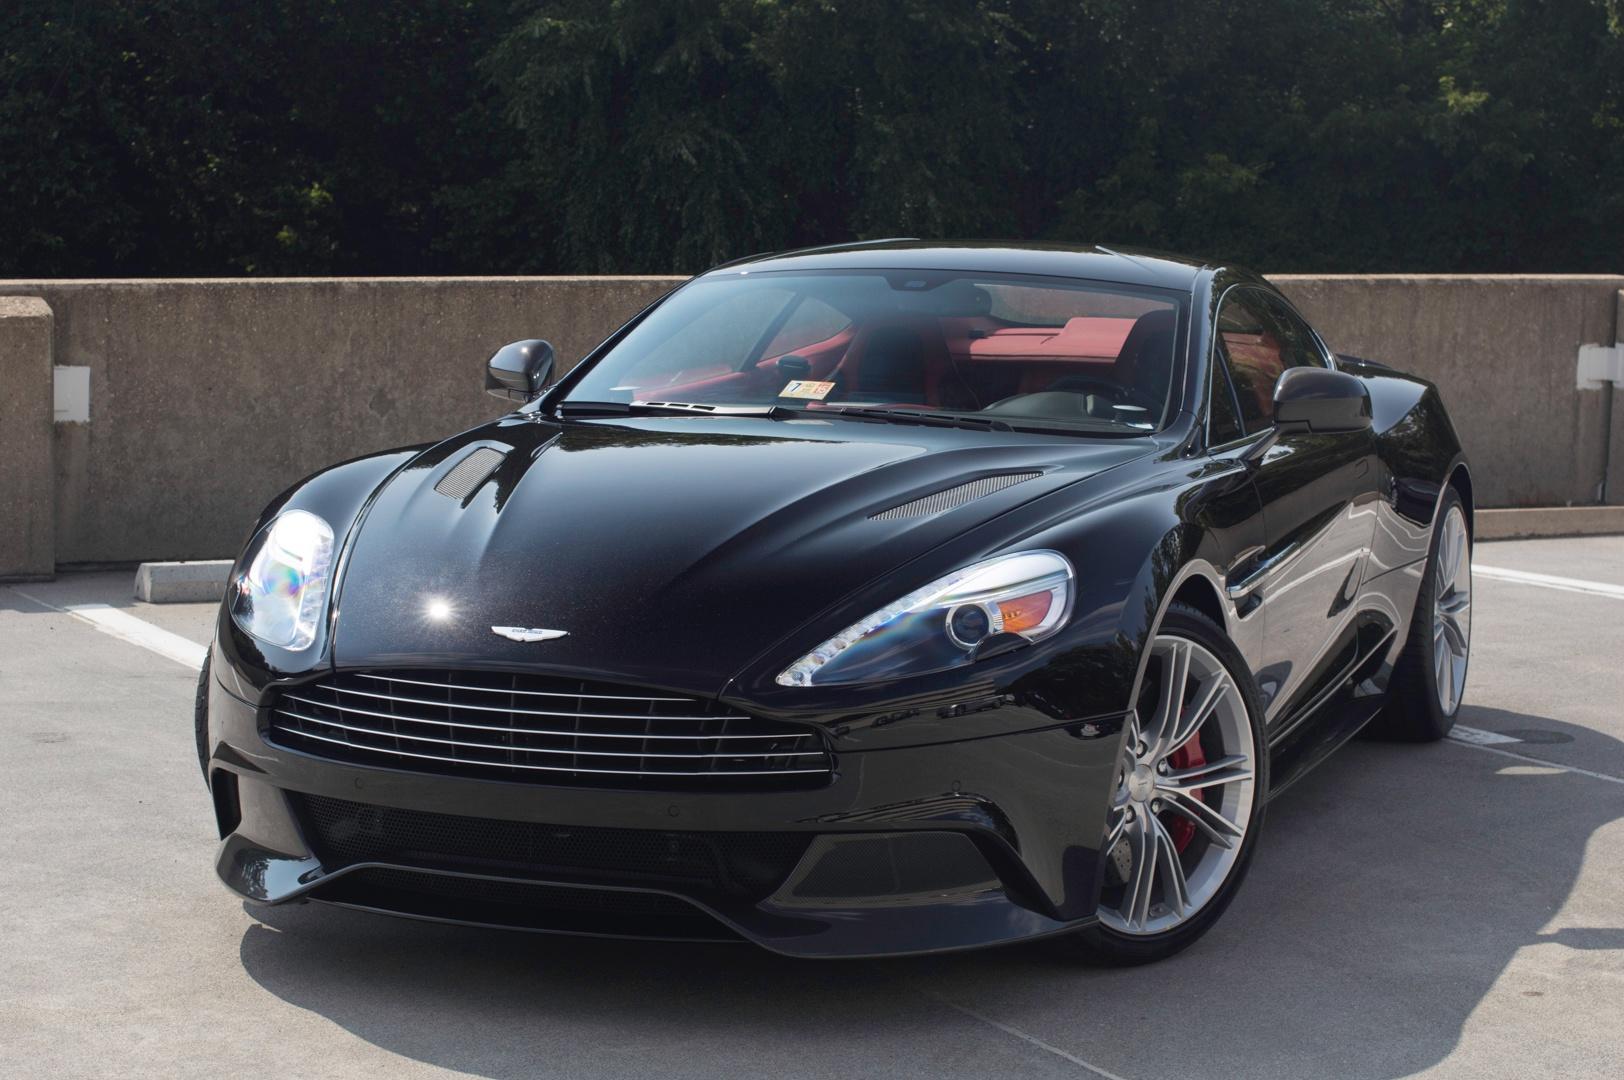 2014 Aston Martin Vanquish Stock # 4NJ00941 for sale near Vienna, VA ...